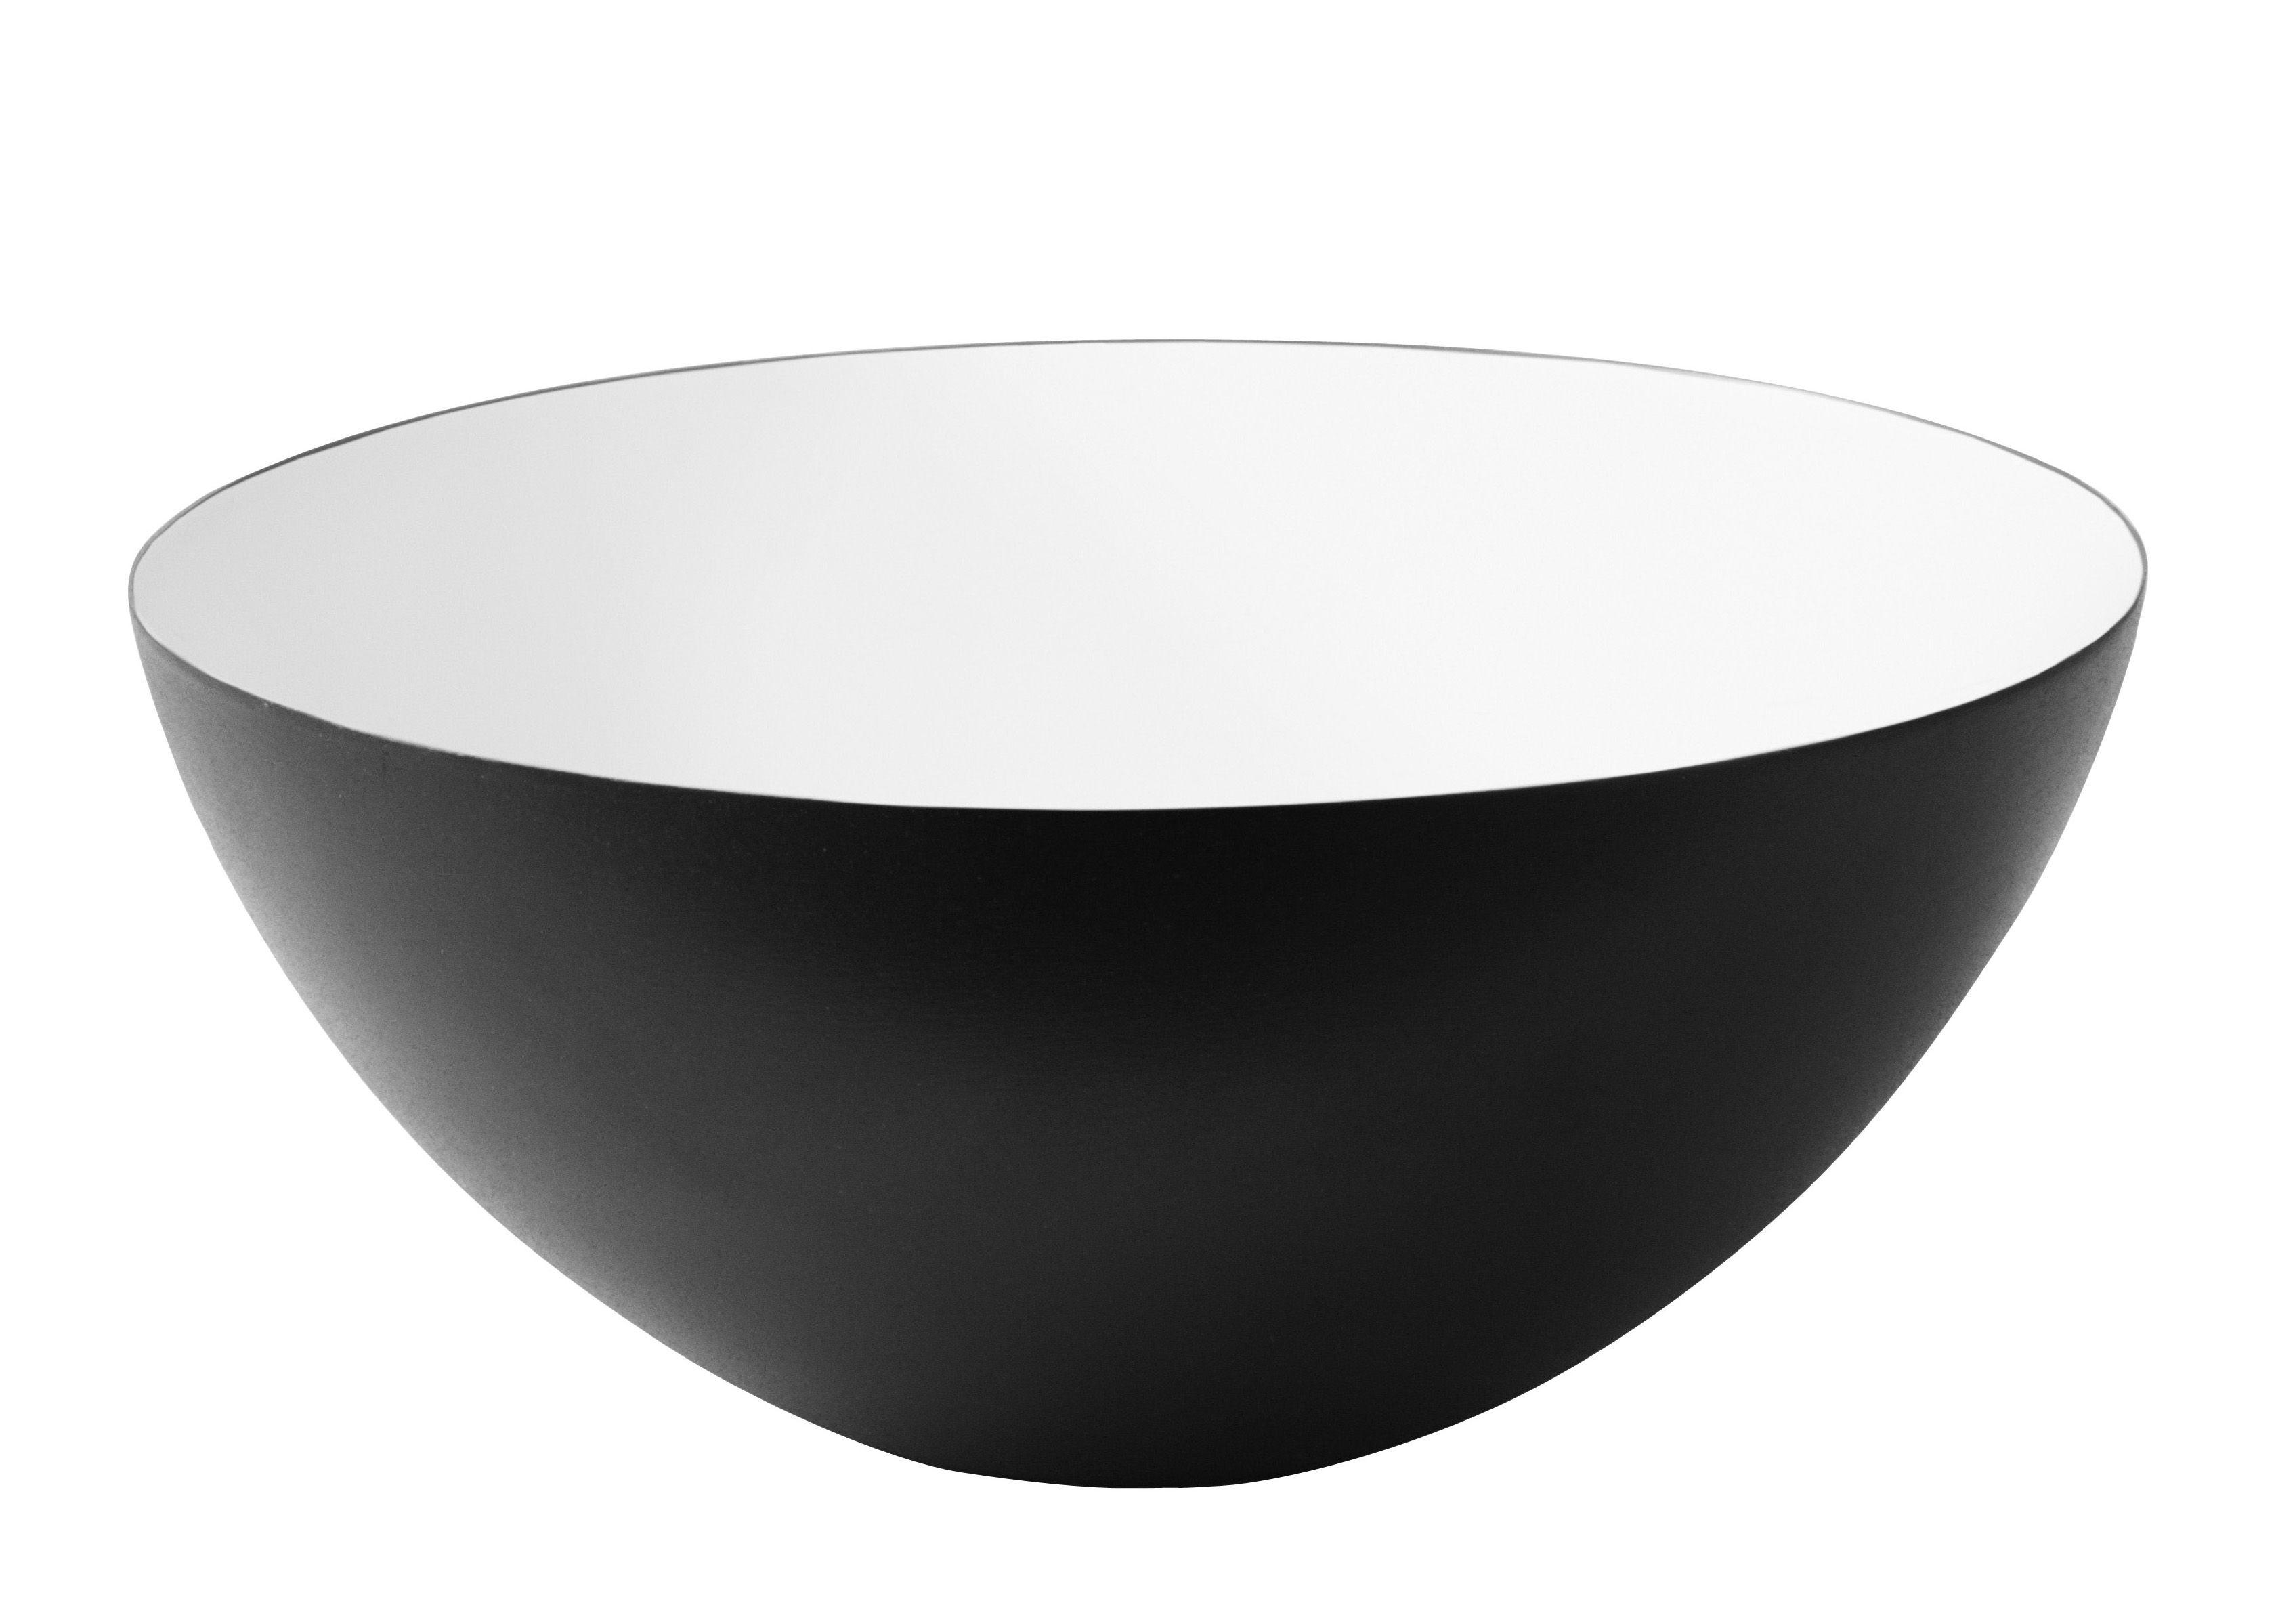 Tableware - Bowls - Krenit Small dish - Bowl Ø 8,4 cm by Normann Copenhagen - Black / White - Enamelled steel